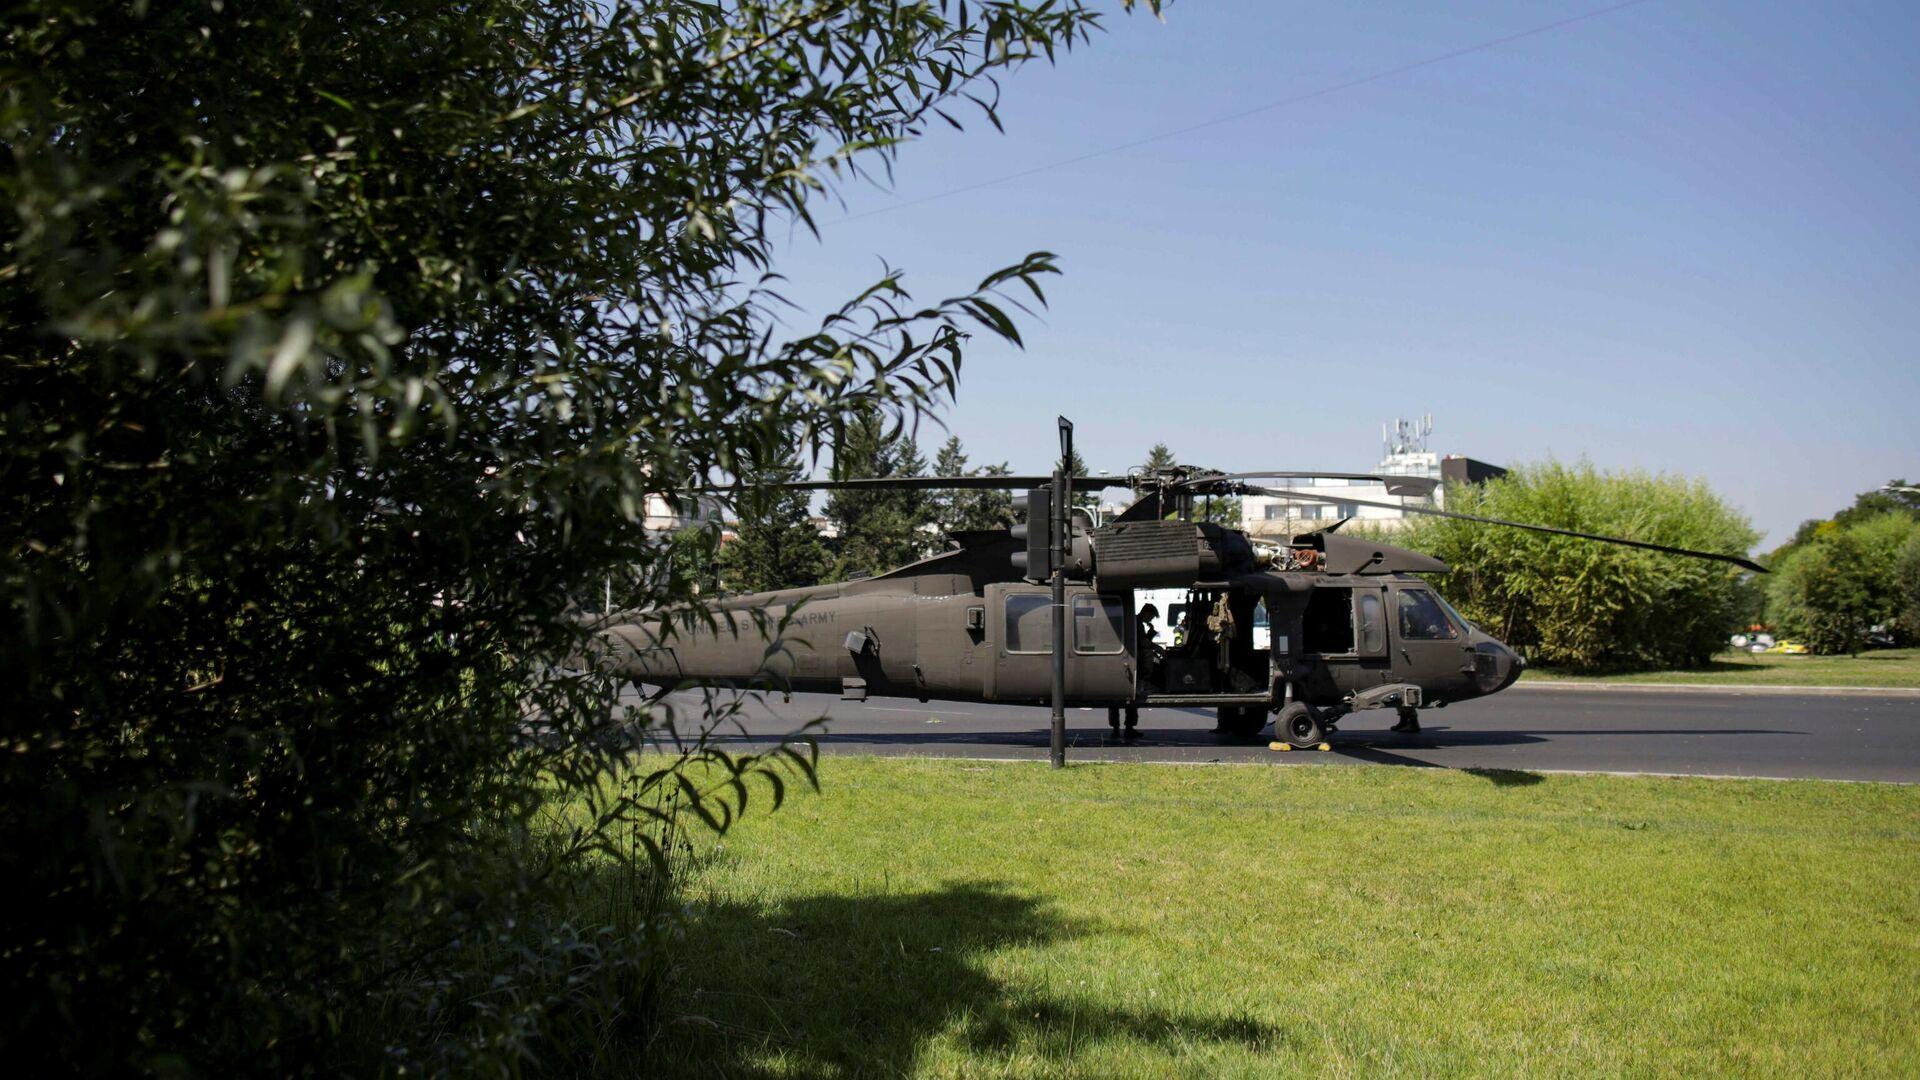 Američki vojni helikopter prinudno sleteo u centru Bukurešta - Sputnik Srbija, 1920, 15.07.2021